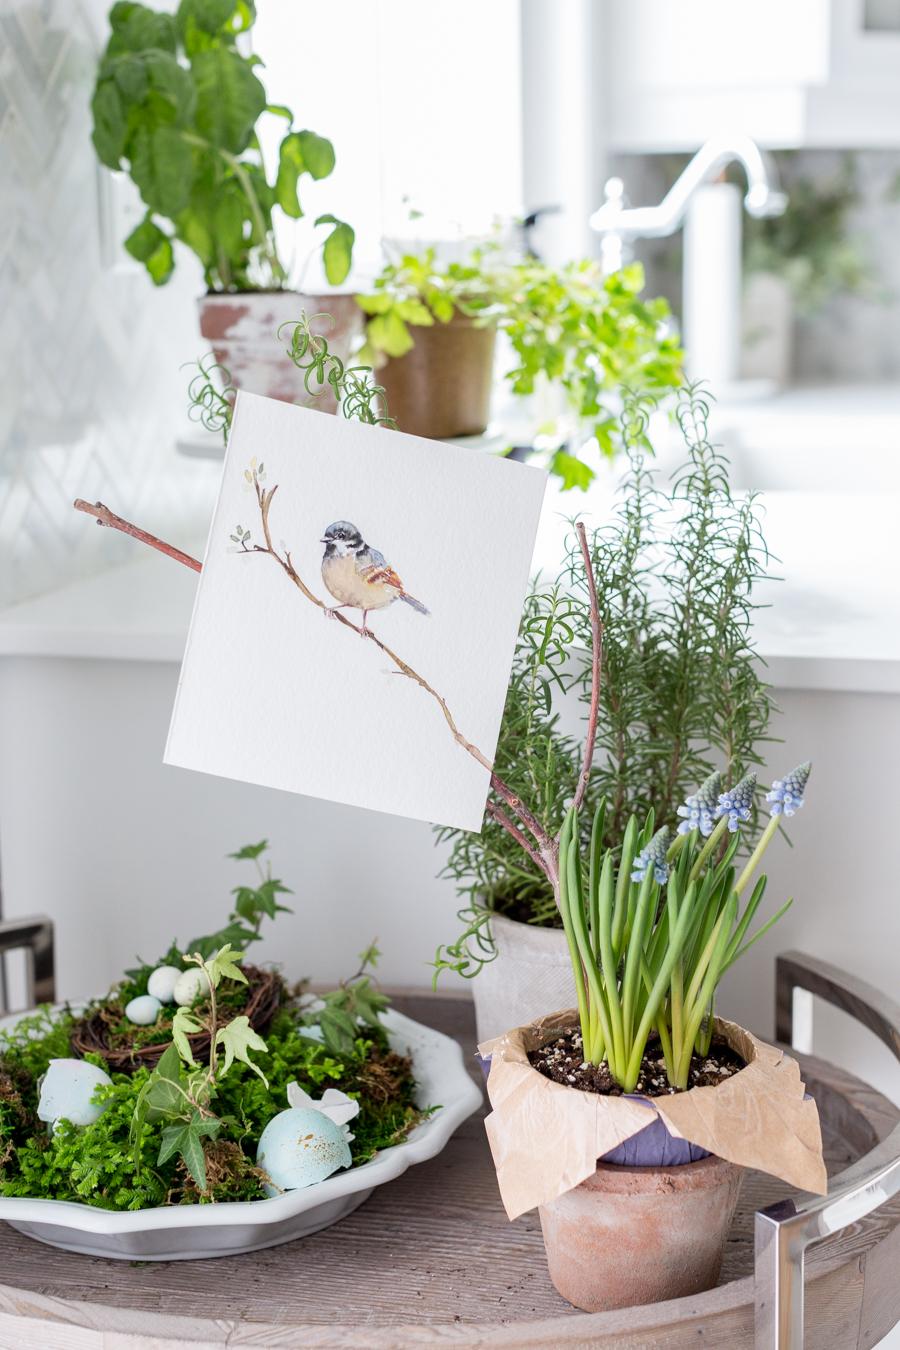 springwatercolorbirdcraftberrybush